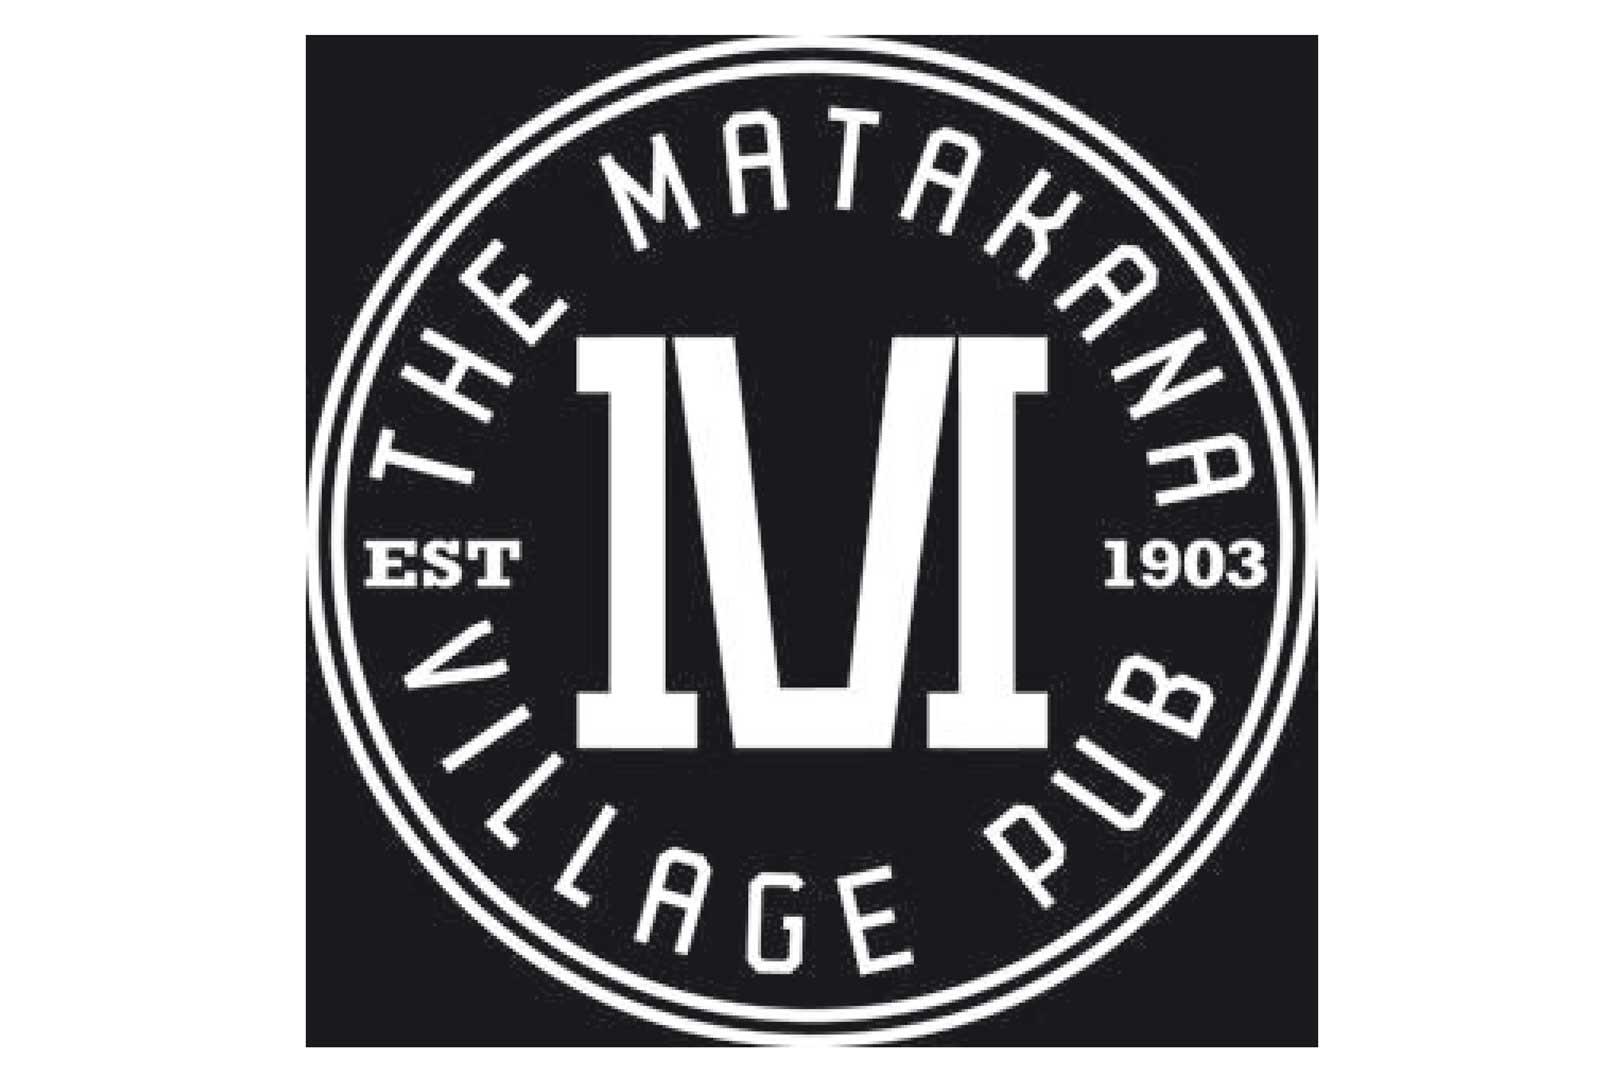 The Matakana